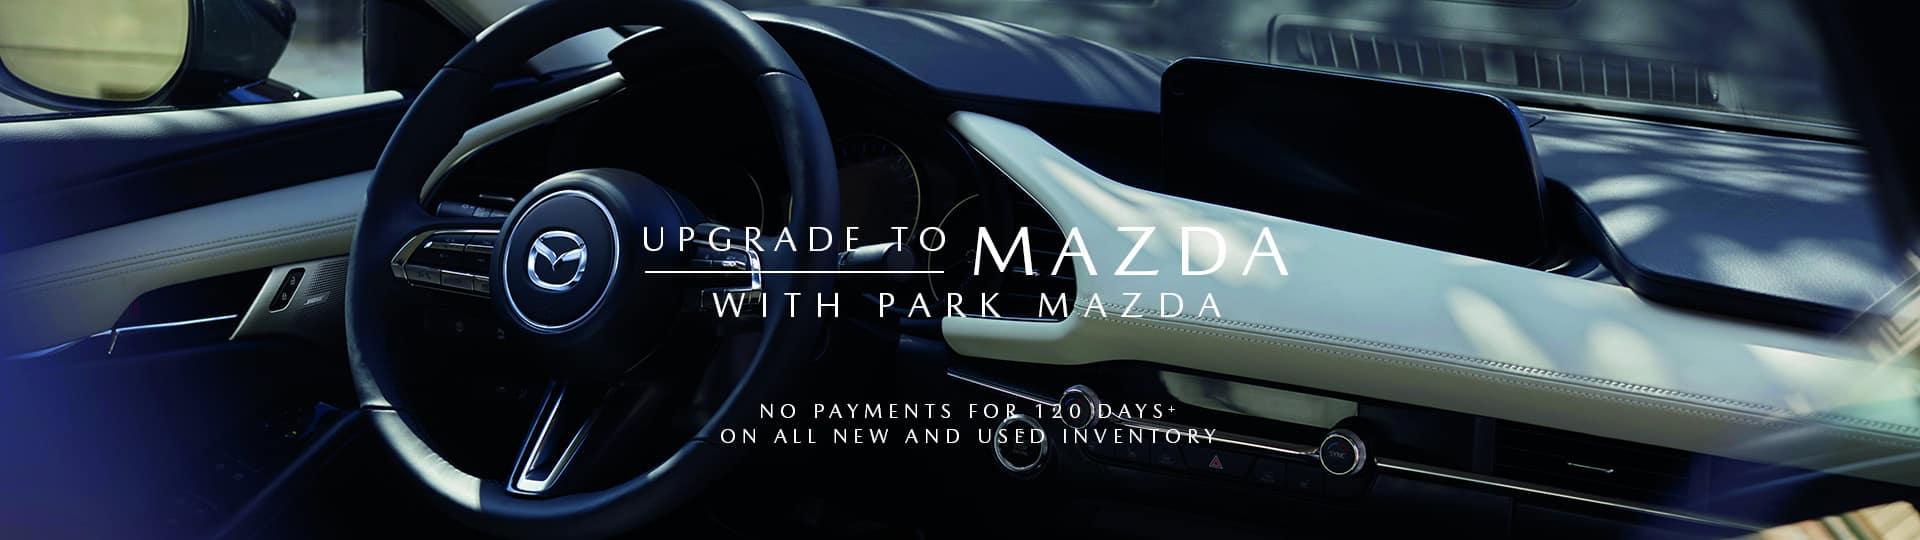 upgrade_to_mazda_2021_landing_page_DESKTOP_1920x540px